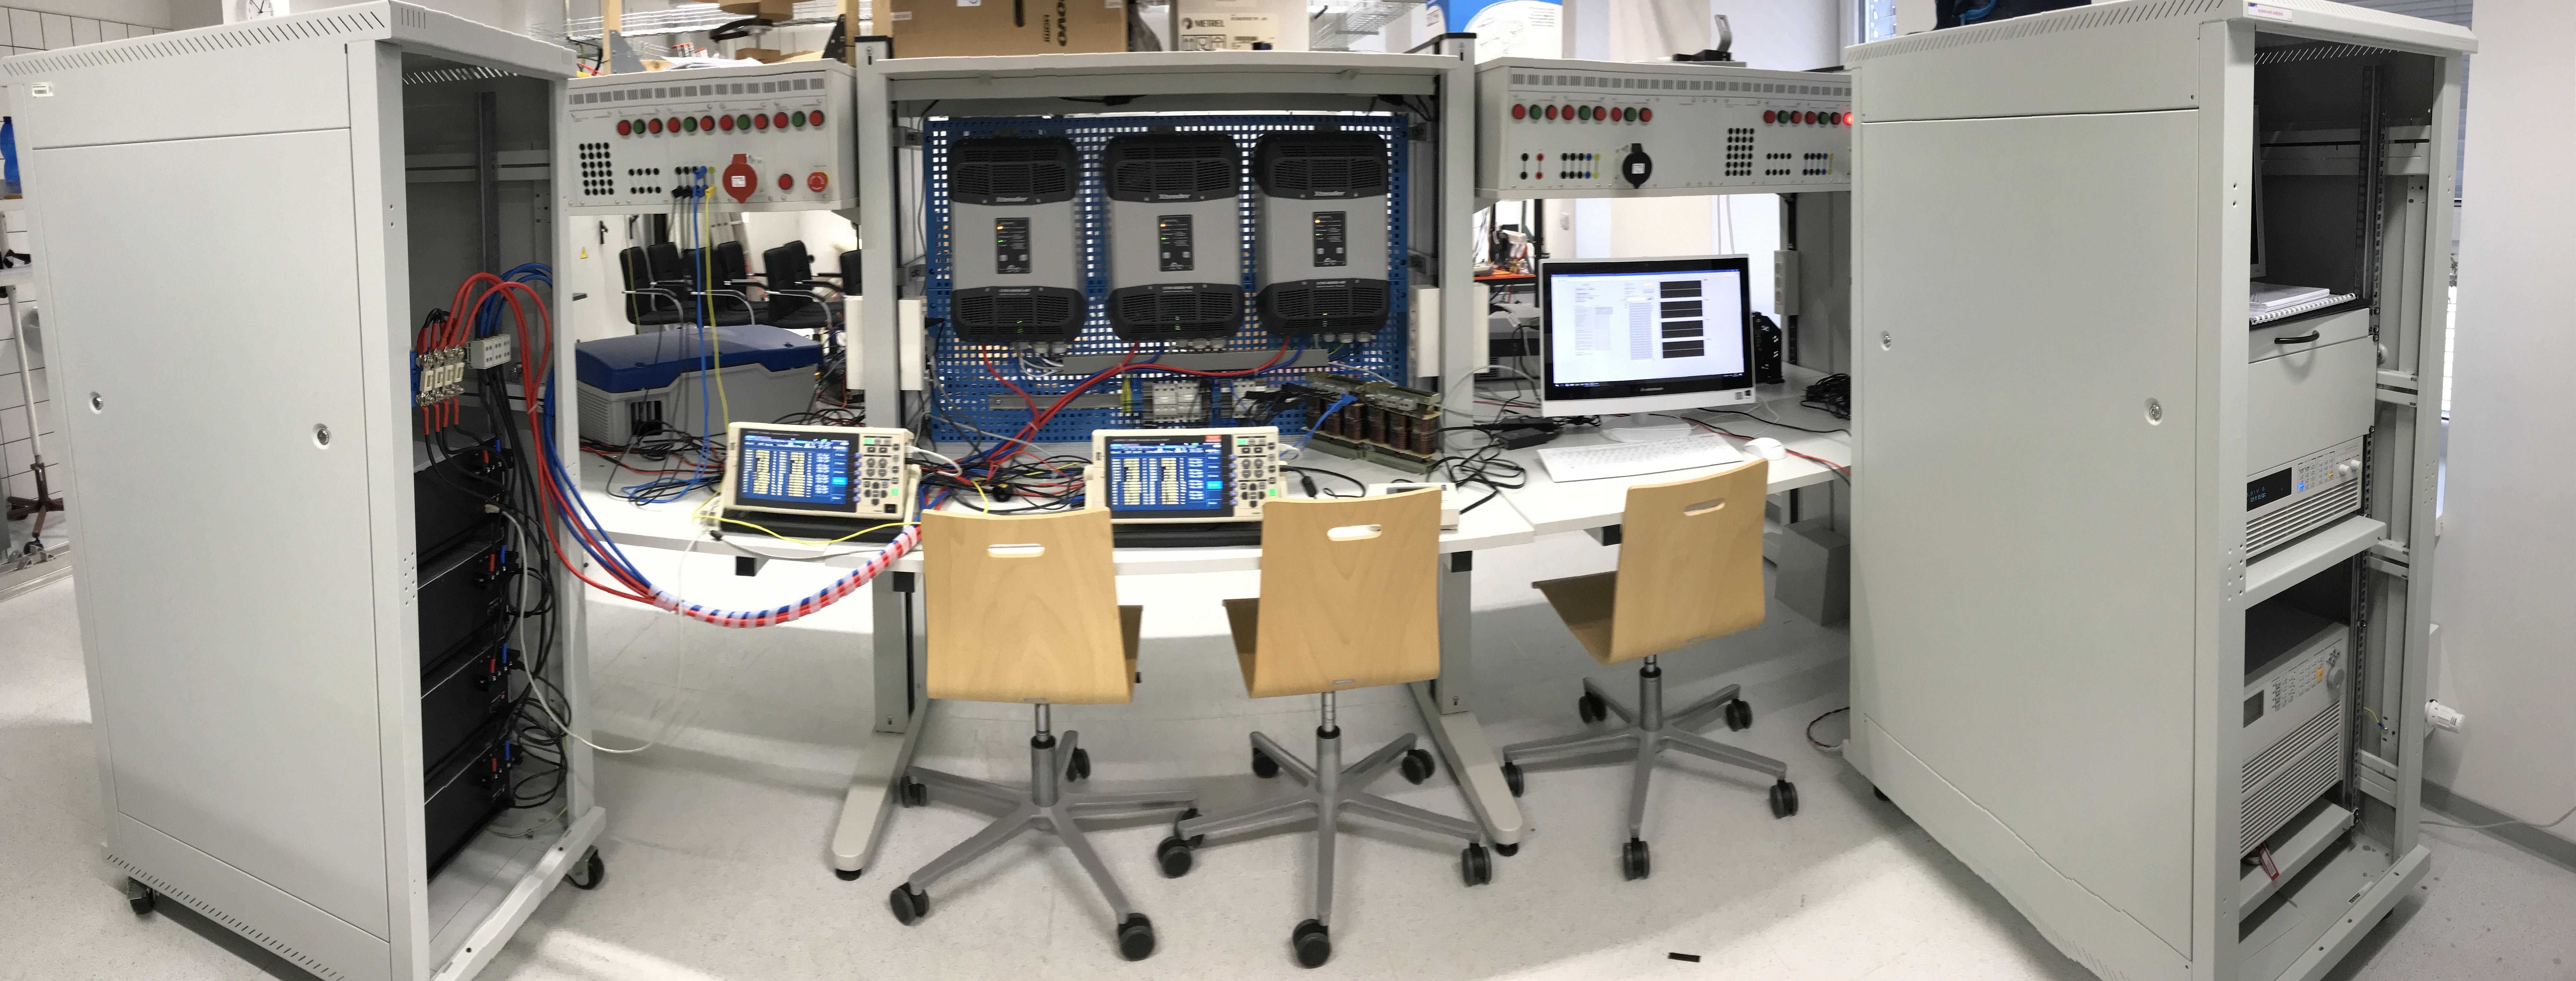 Pracovní skupina RESLAB - Testovací pracoviště pro testy výkonových invertorů